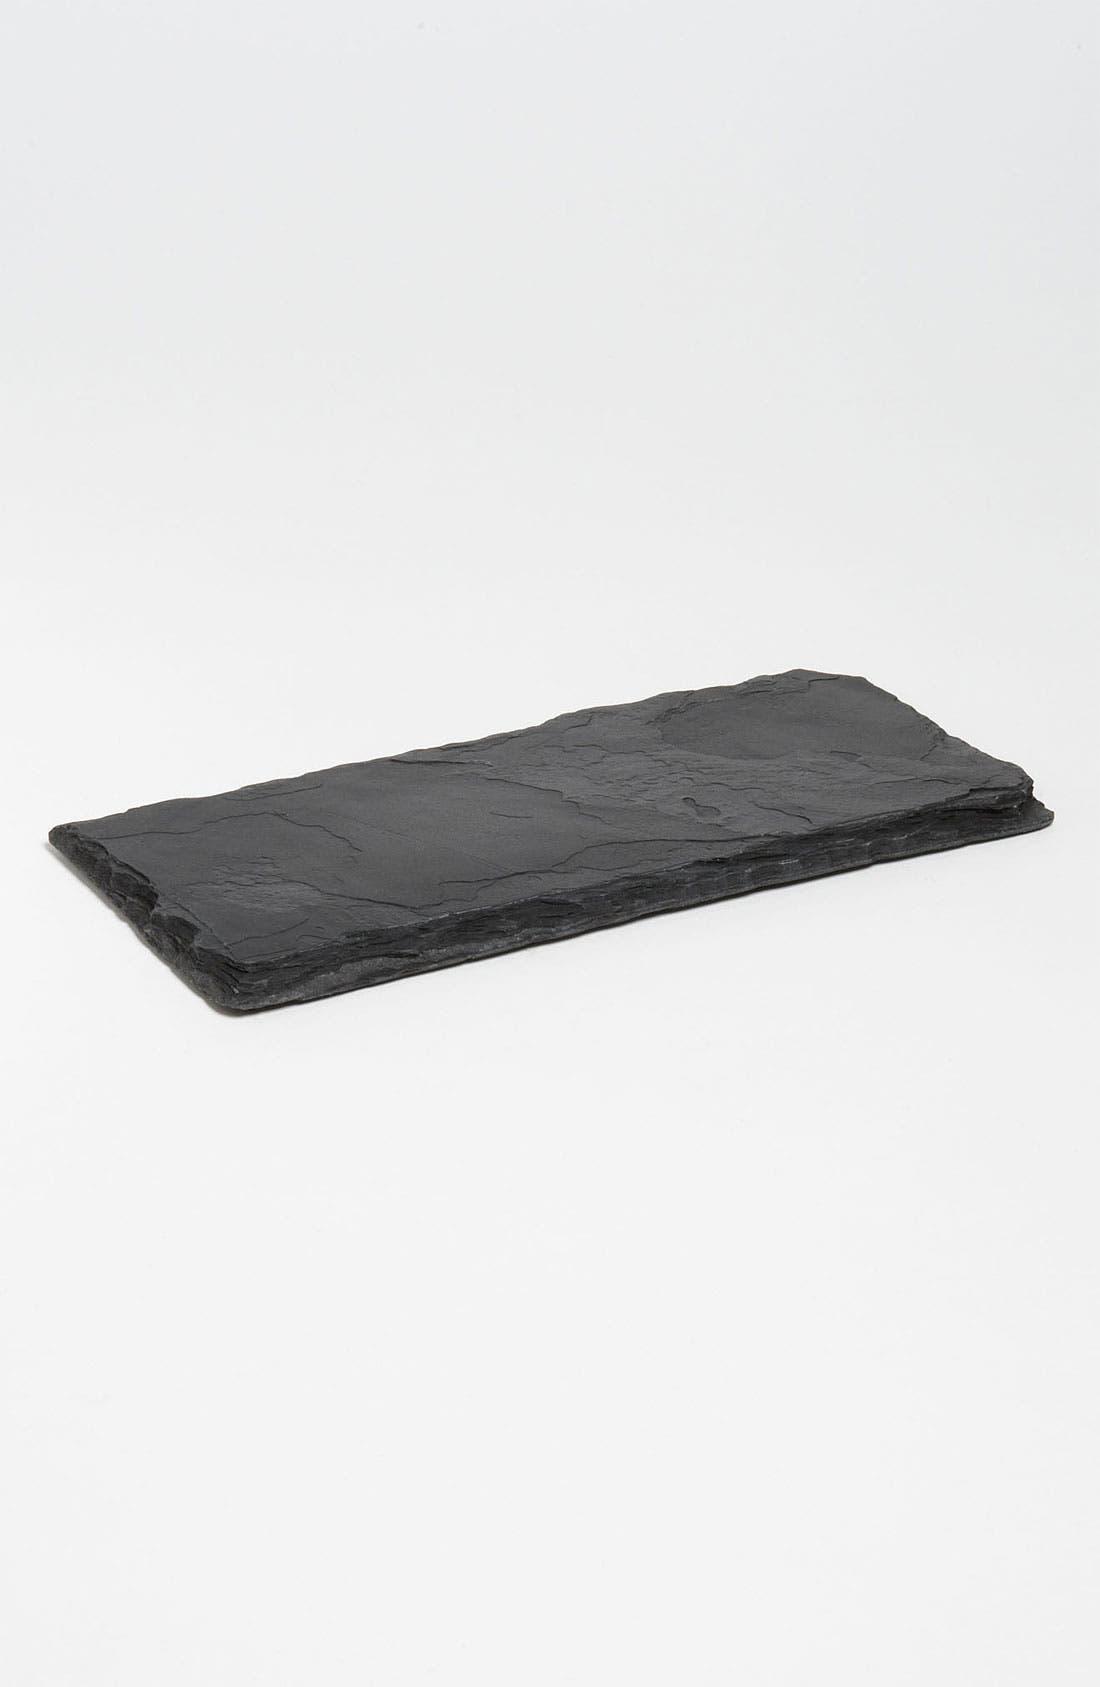 Alternate Image 1 Selected - Natural Slate Serving Board